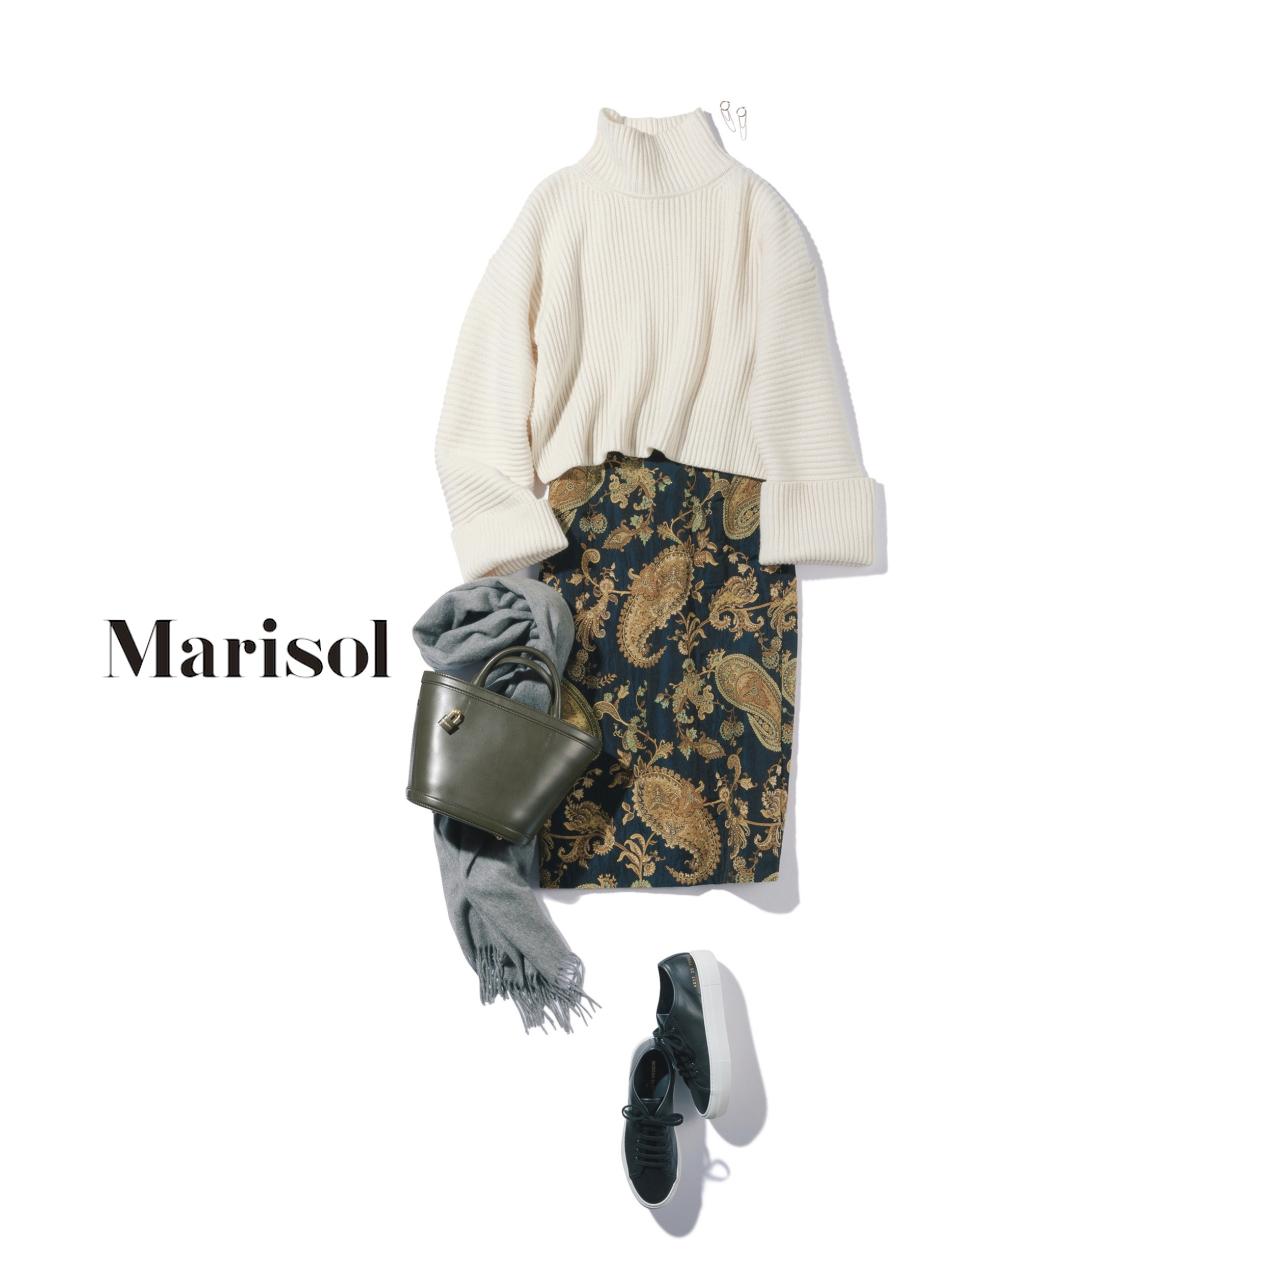 40代ファッション白ニット×柄スカート×スニーカーコーデ